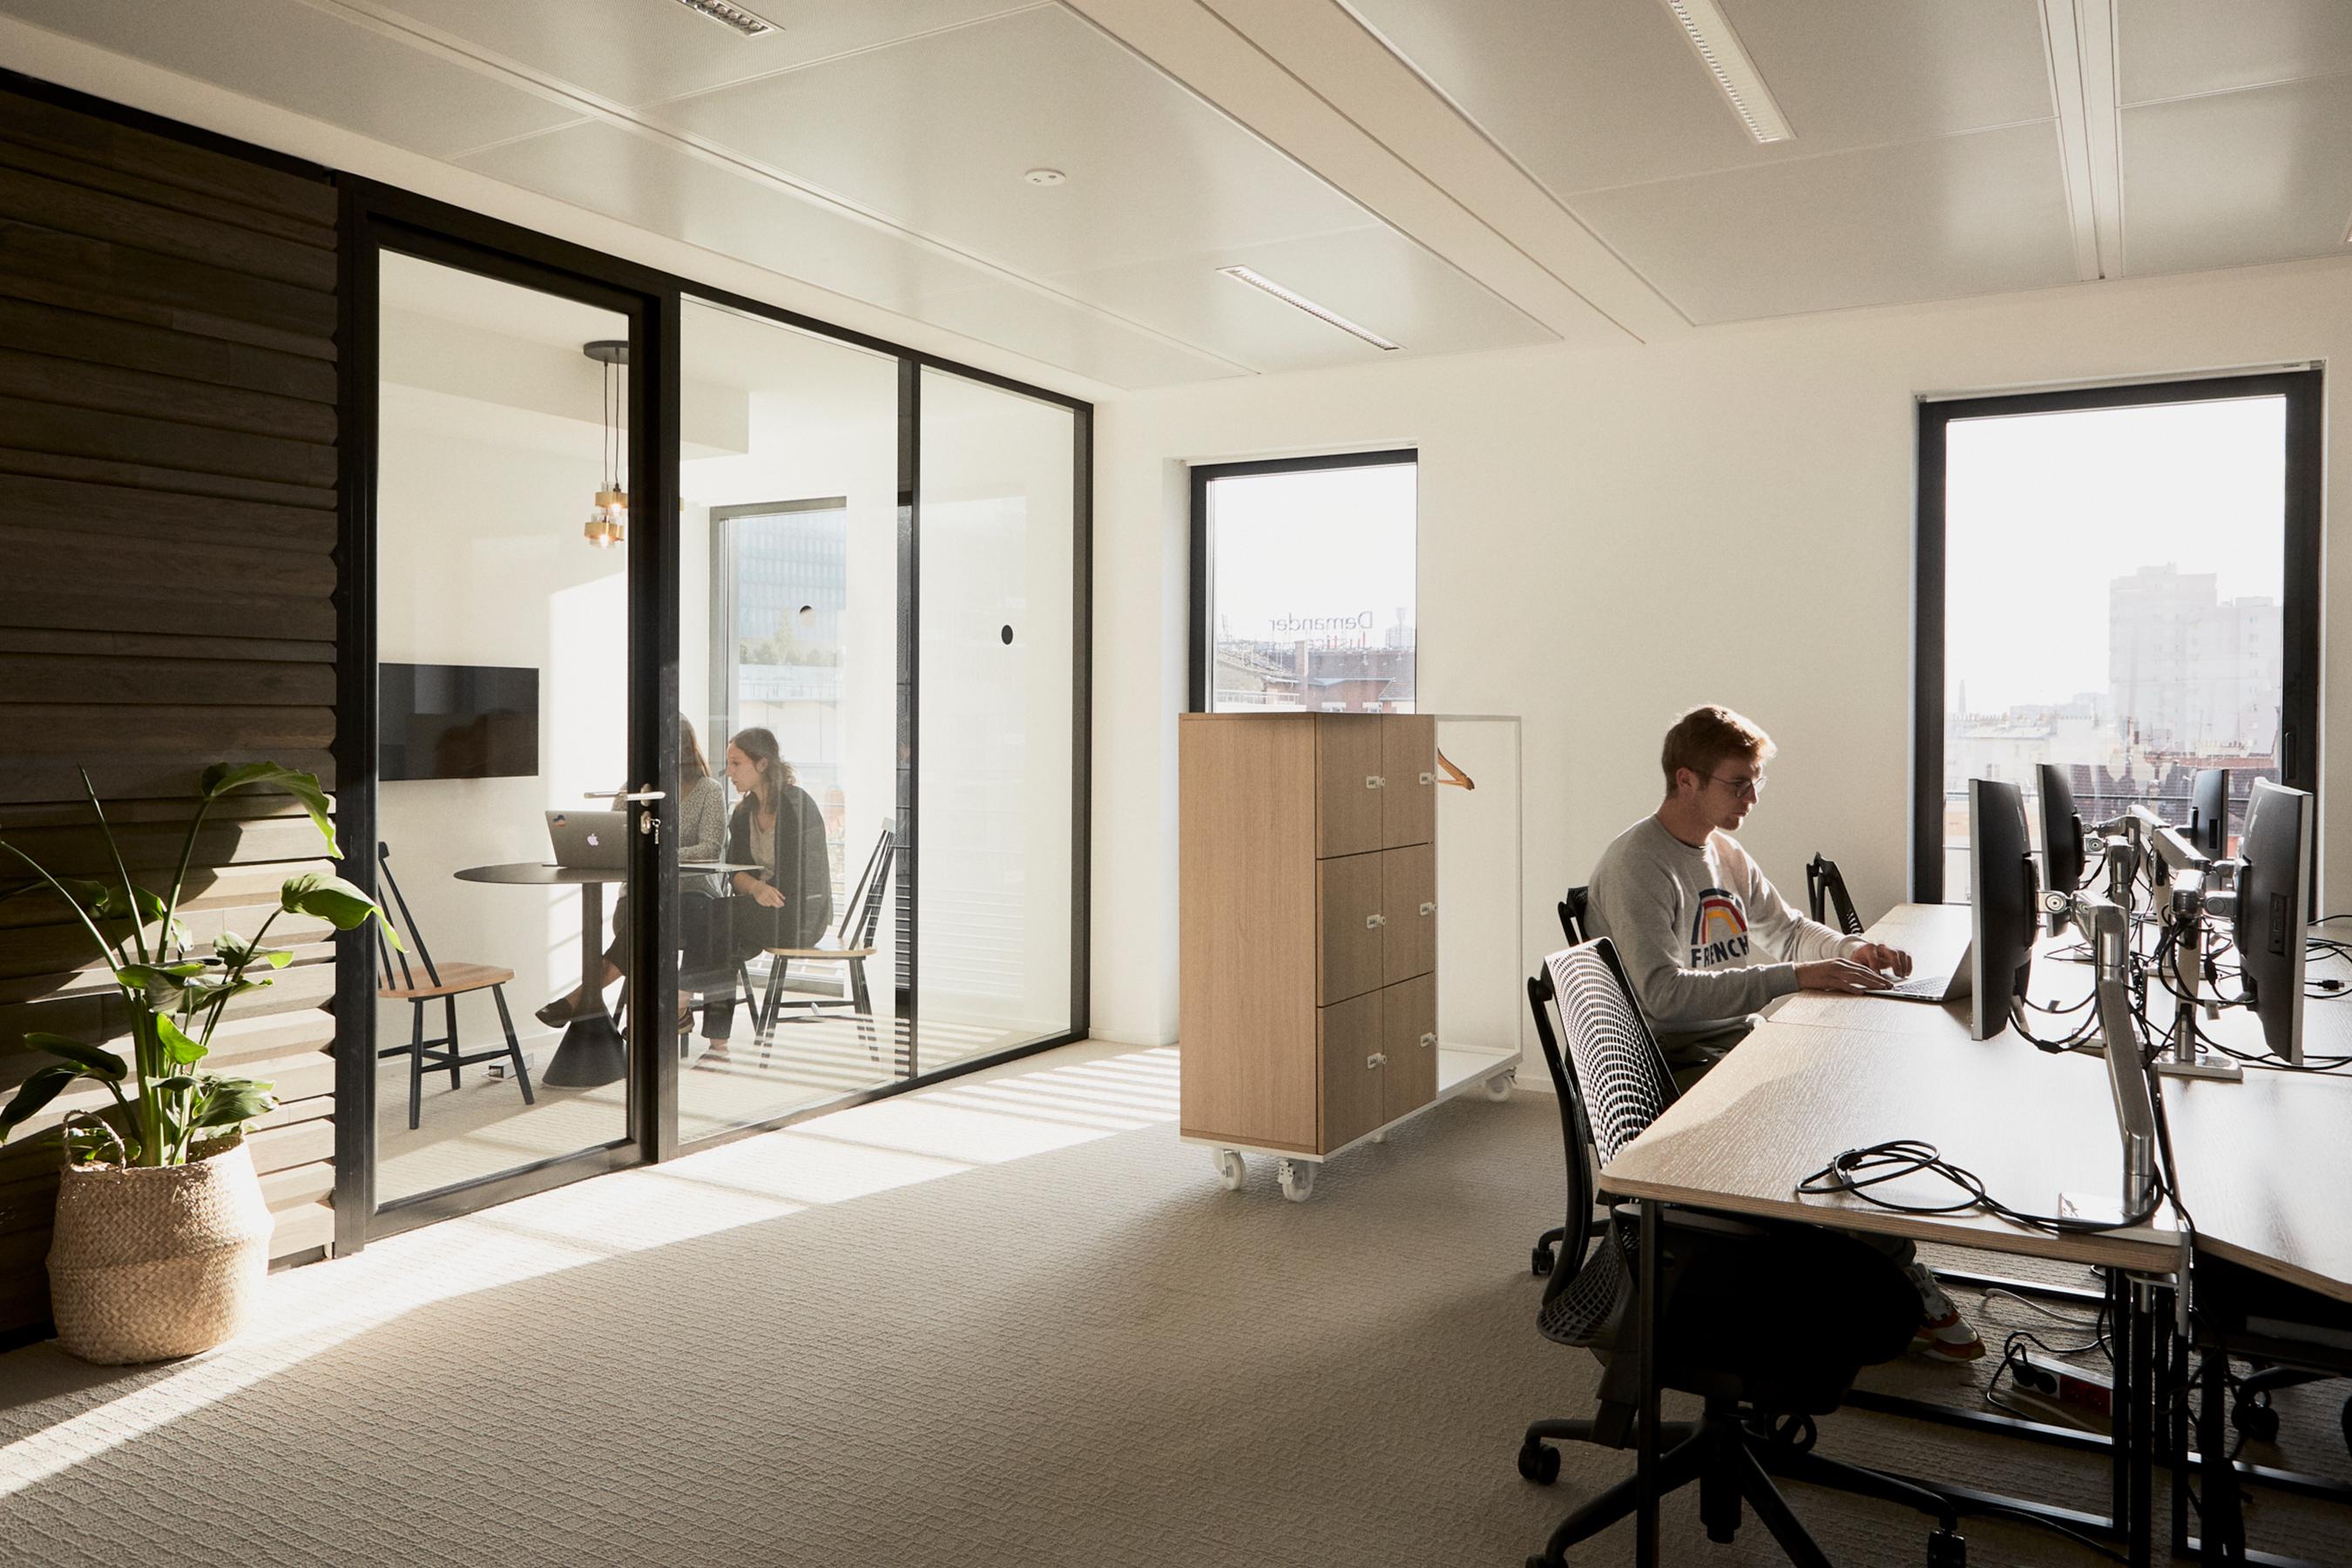 Aménagement espace bureau - salle de réunion au sein des bureaux